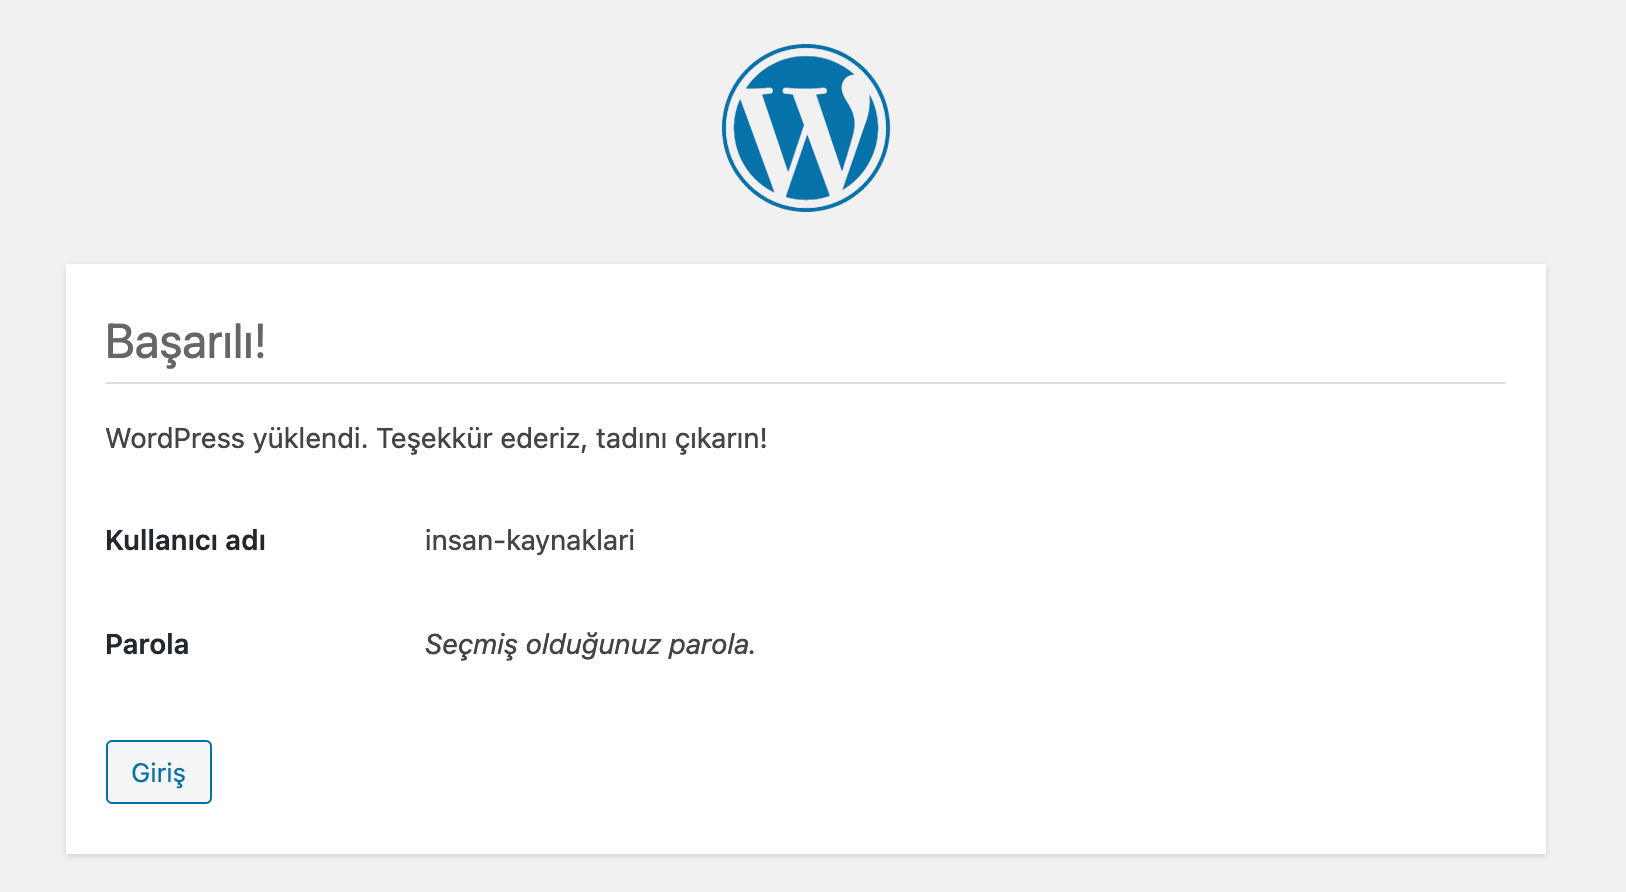 Wordpress elle kurulum nasıl yapılır?